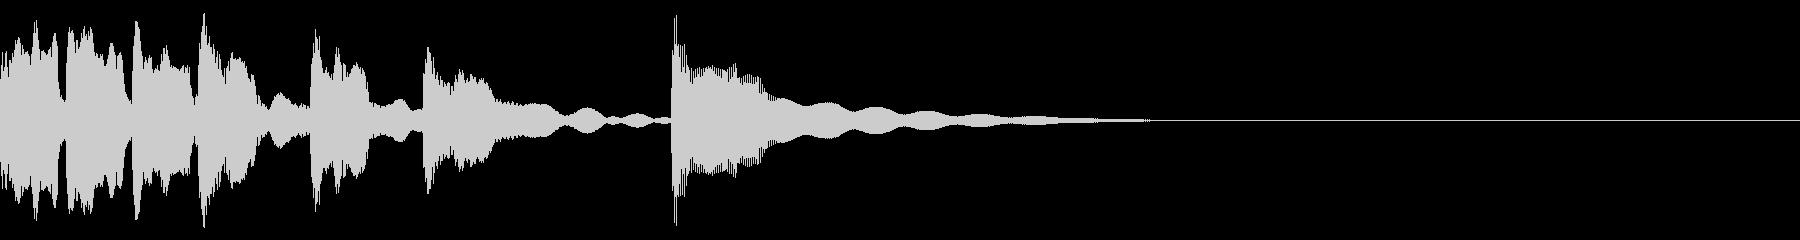 アコーディオンによる場面転換1の未再生の波形